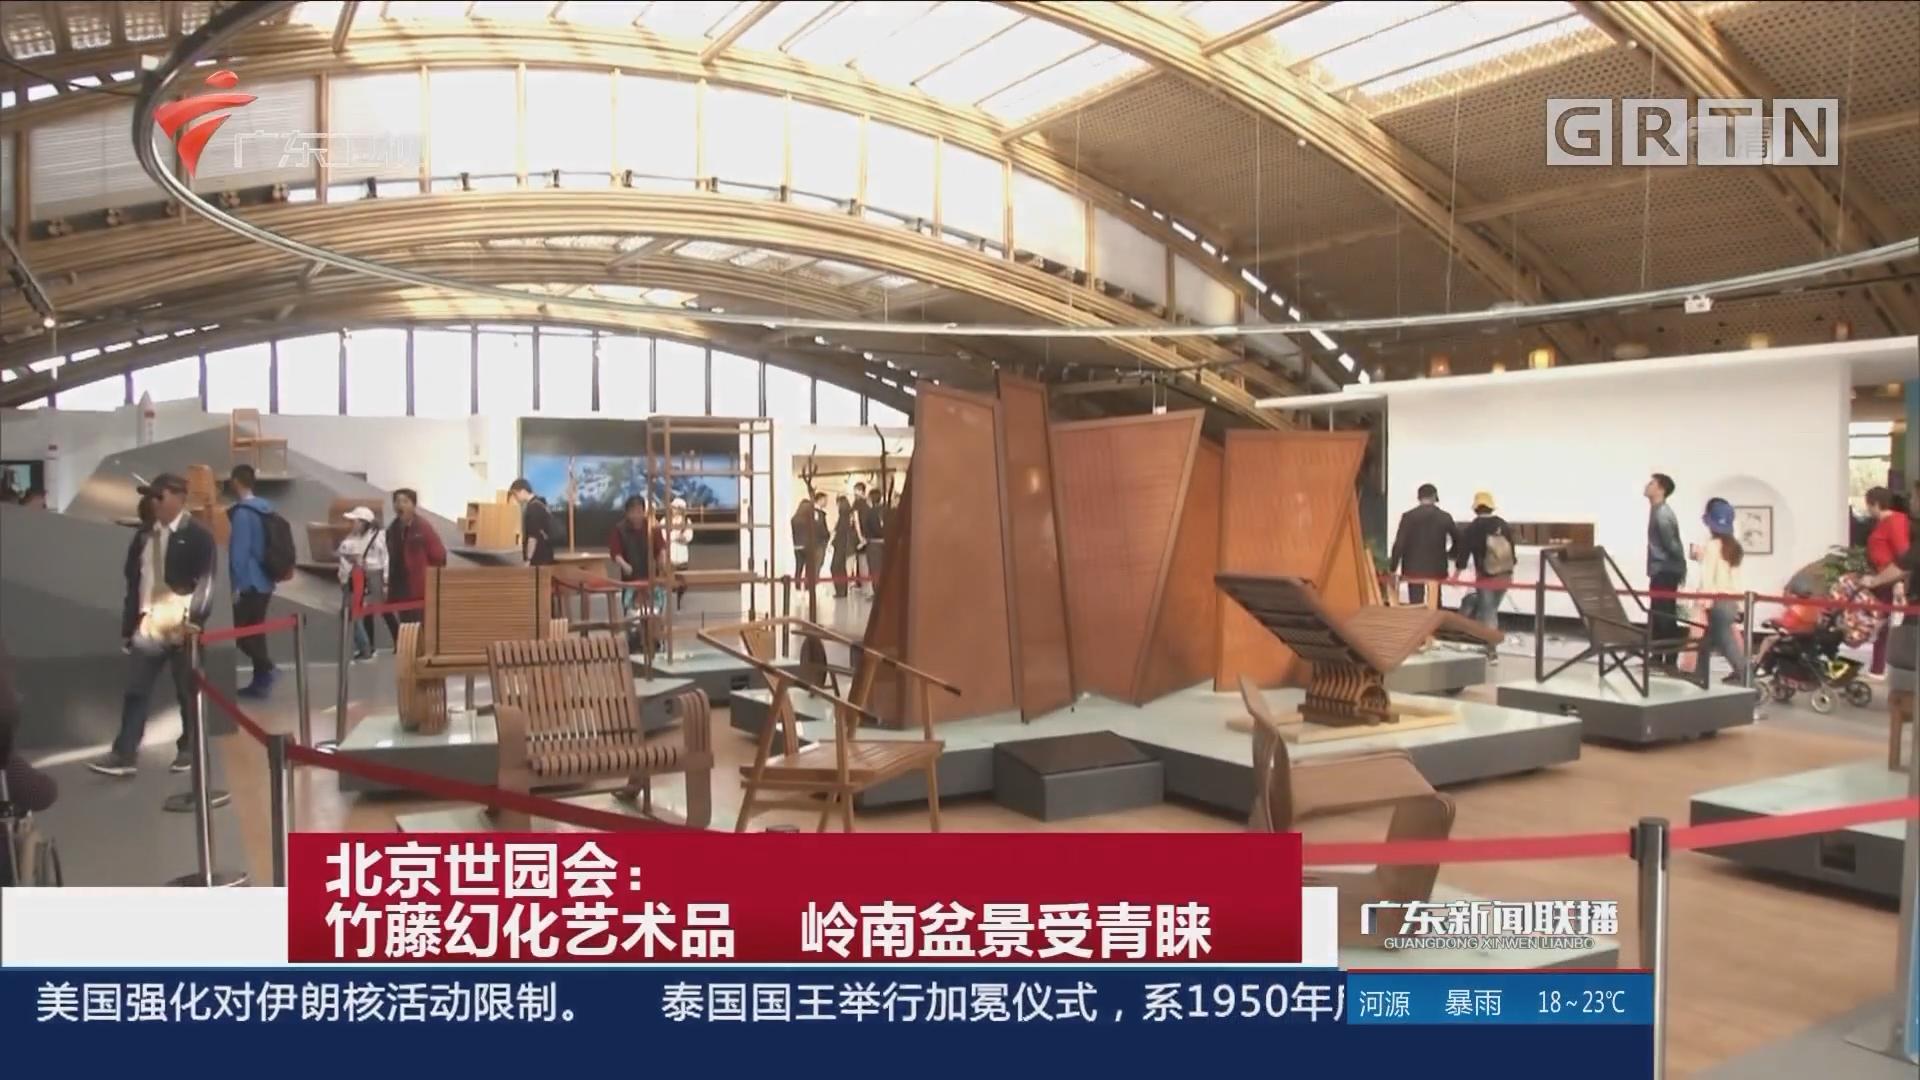 北京世园会:竹藤幻化艺术品 岭南盆景受青睐